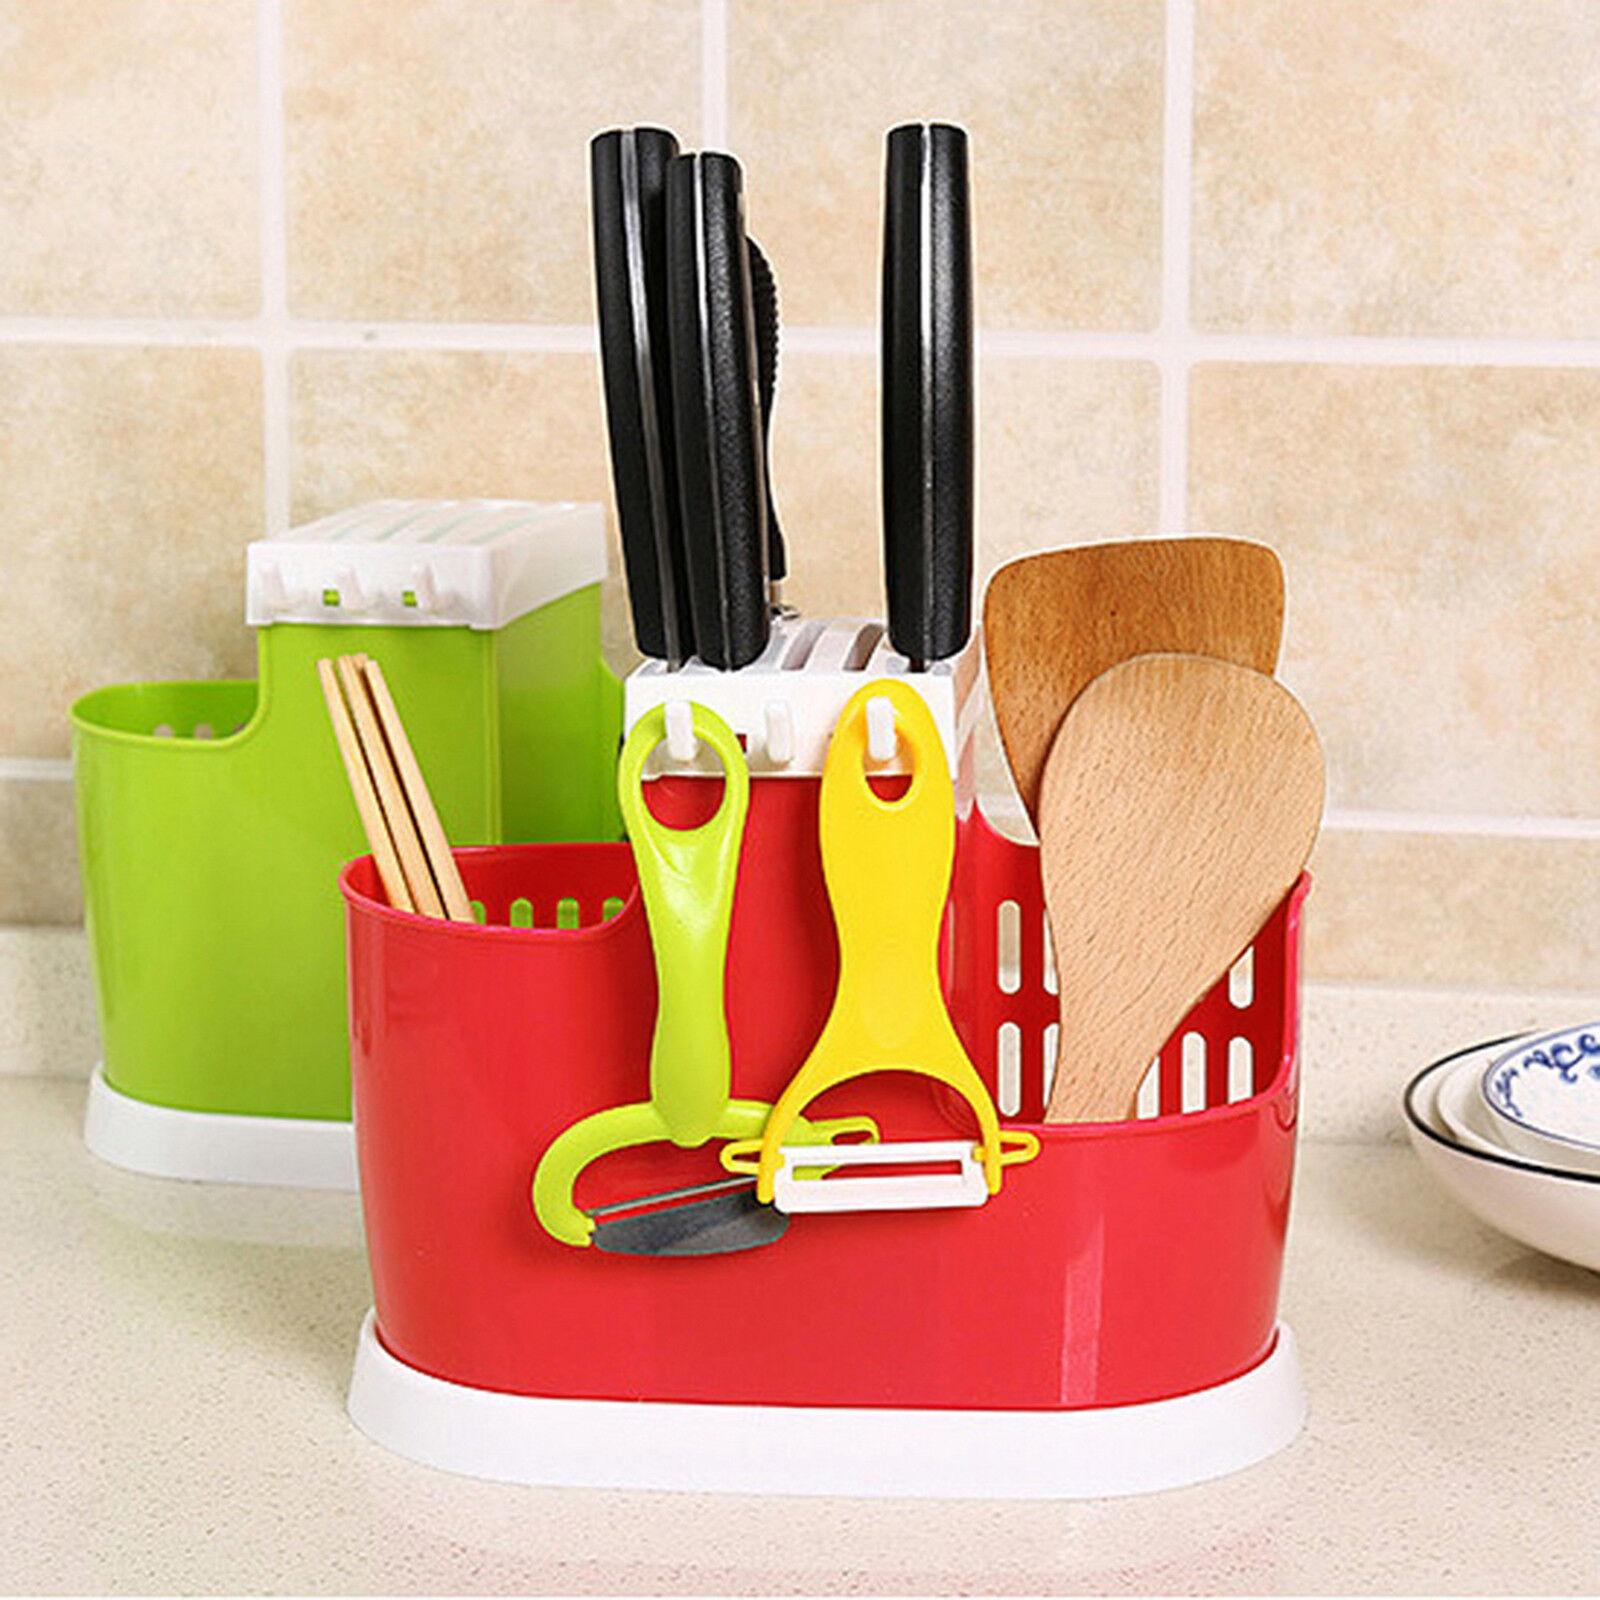 Kitchen Spoon Chopsticks Fork Draining Rack Storage Tool Holder Organizer LP